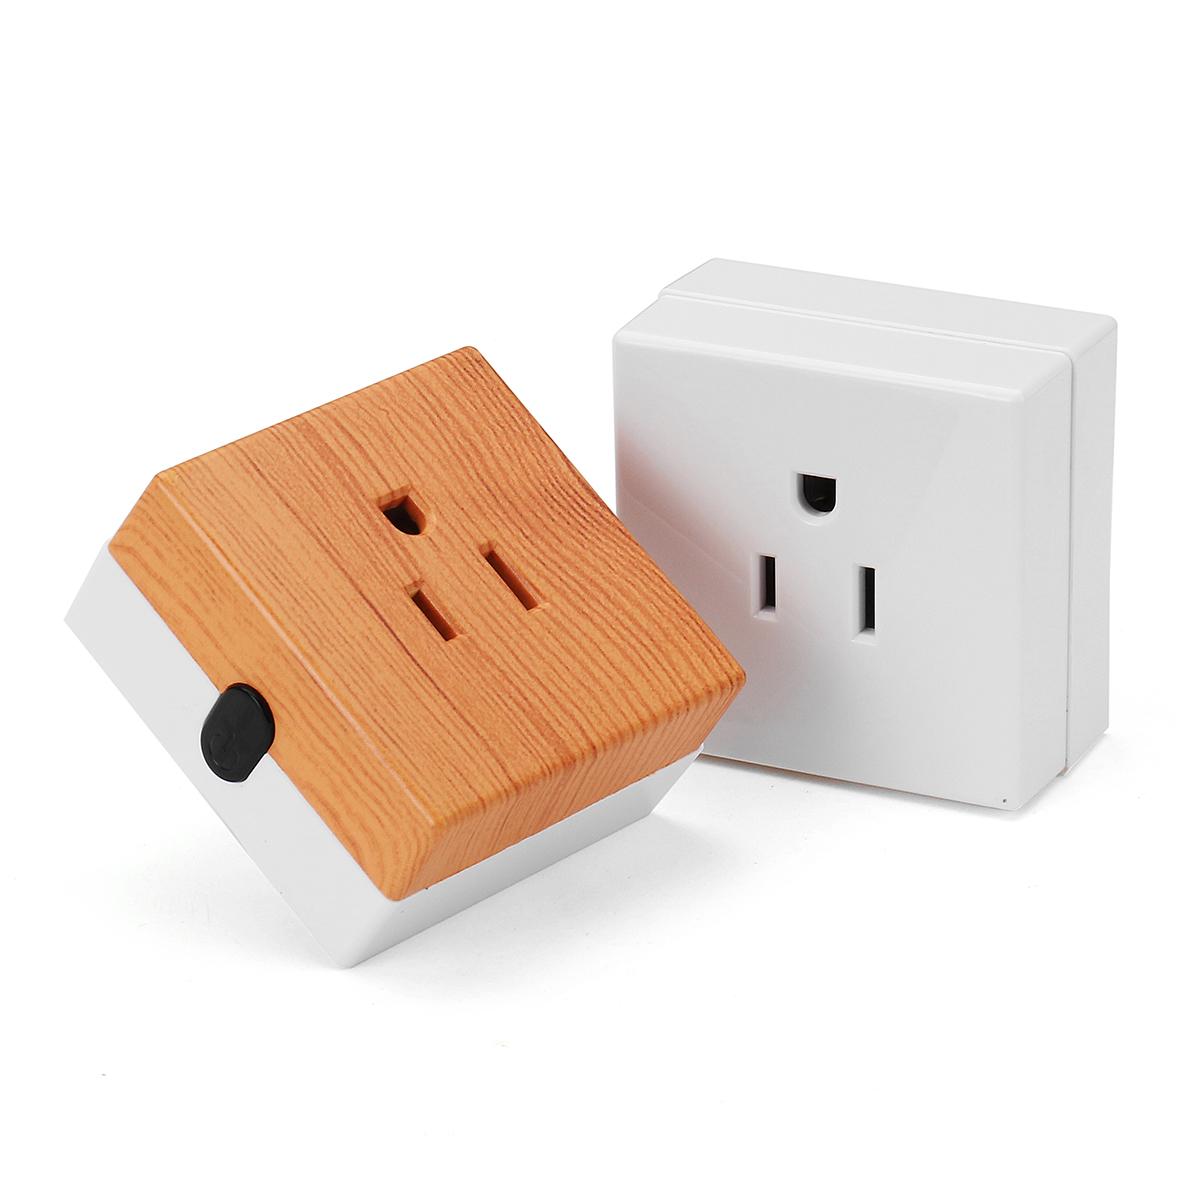 ac 100 240v 10a smart wifi socket switch app remote. Black Bedroom Furniture Sets. Home Design Ideas